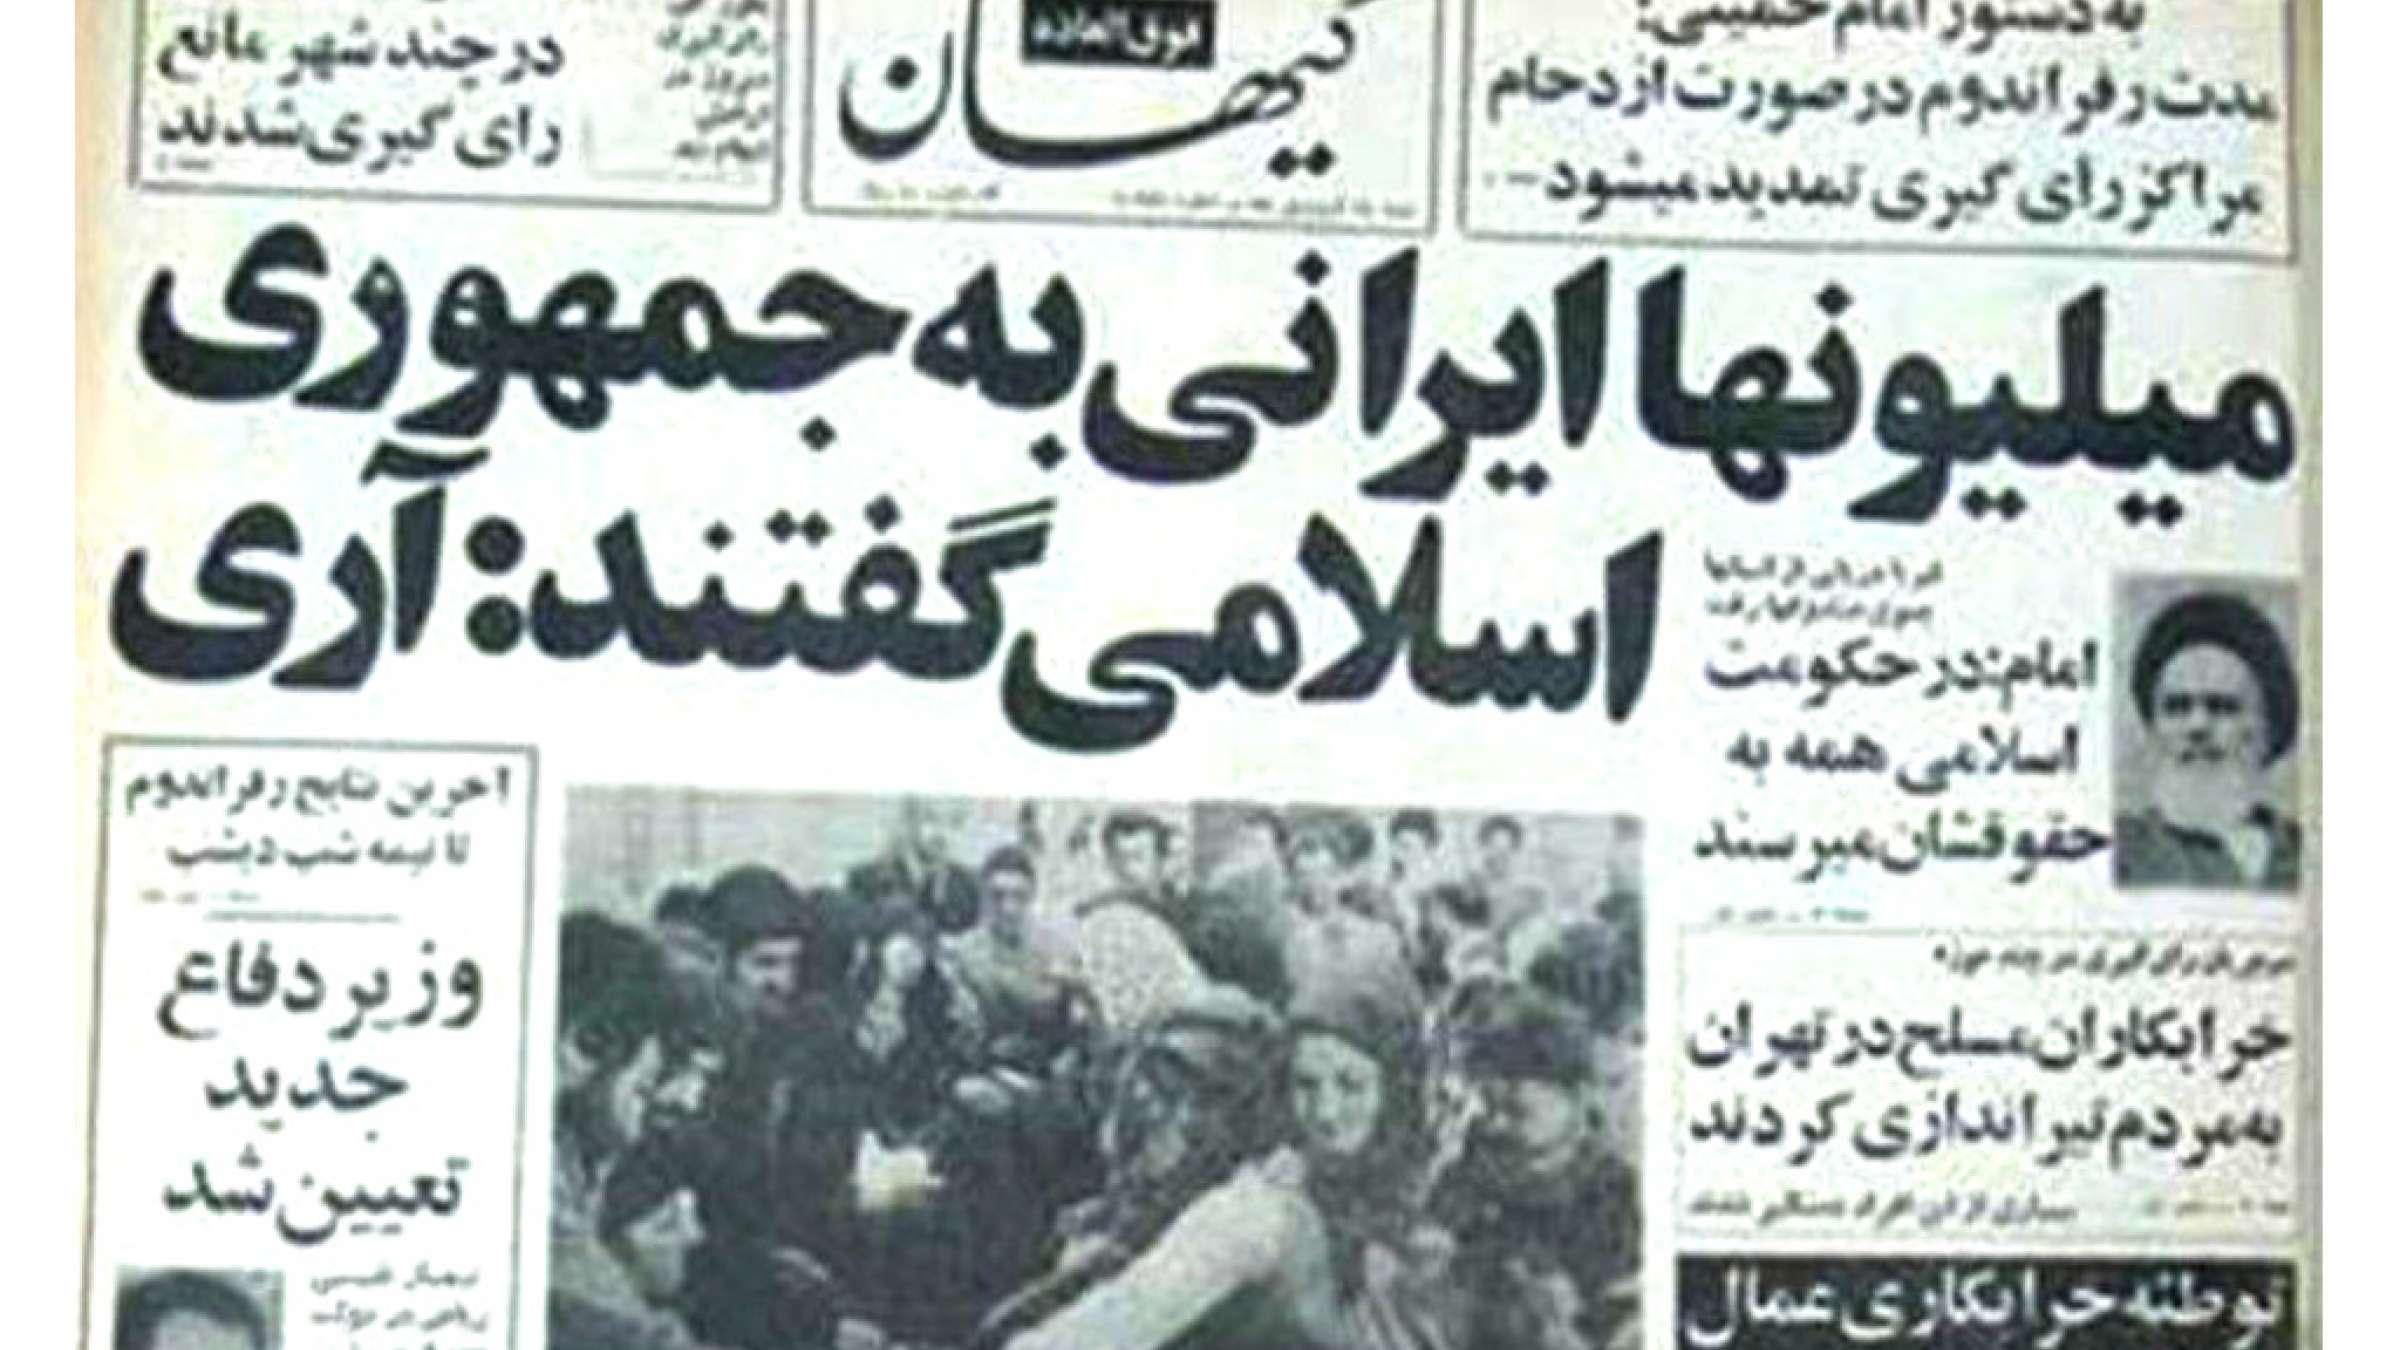 عمومی-ضیائیان-کیهان-آری-به-جمهوری-اسلامی